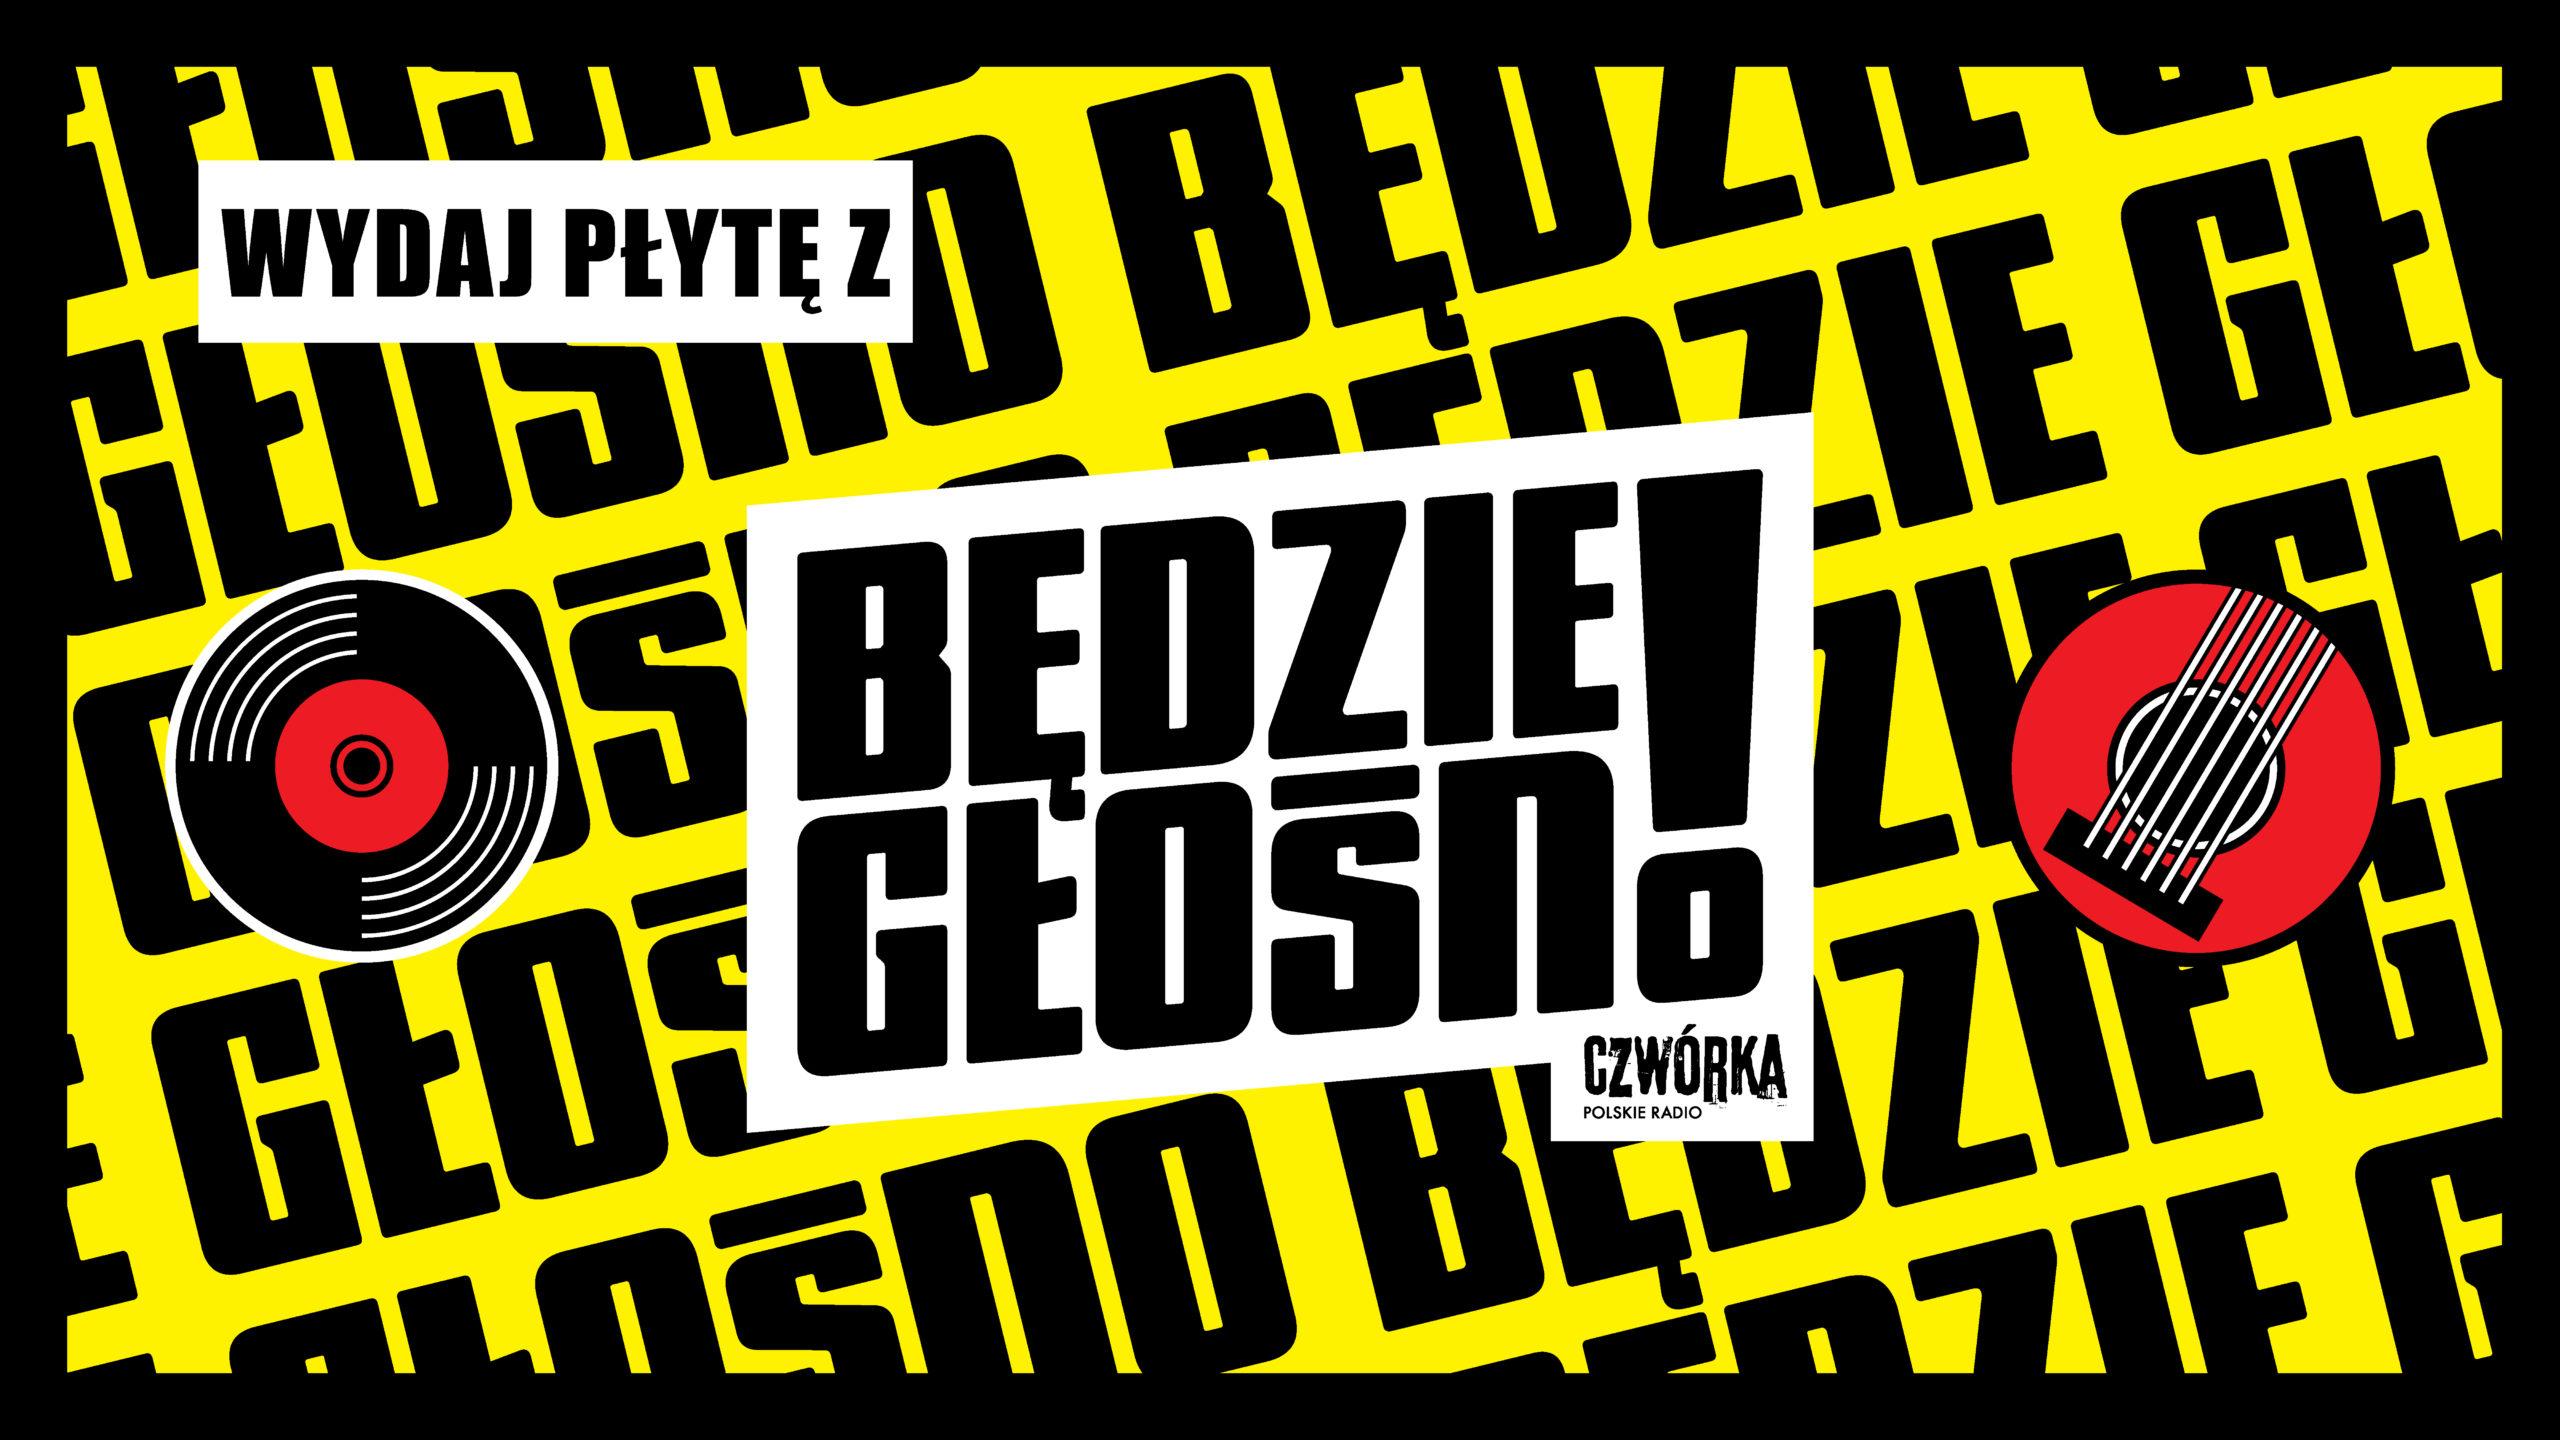 """Kolejna edycja """"Wydaj płytę, Będzie Głośno!"""" ruszyła!"""